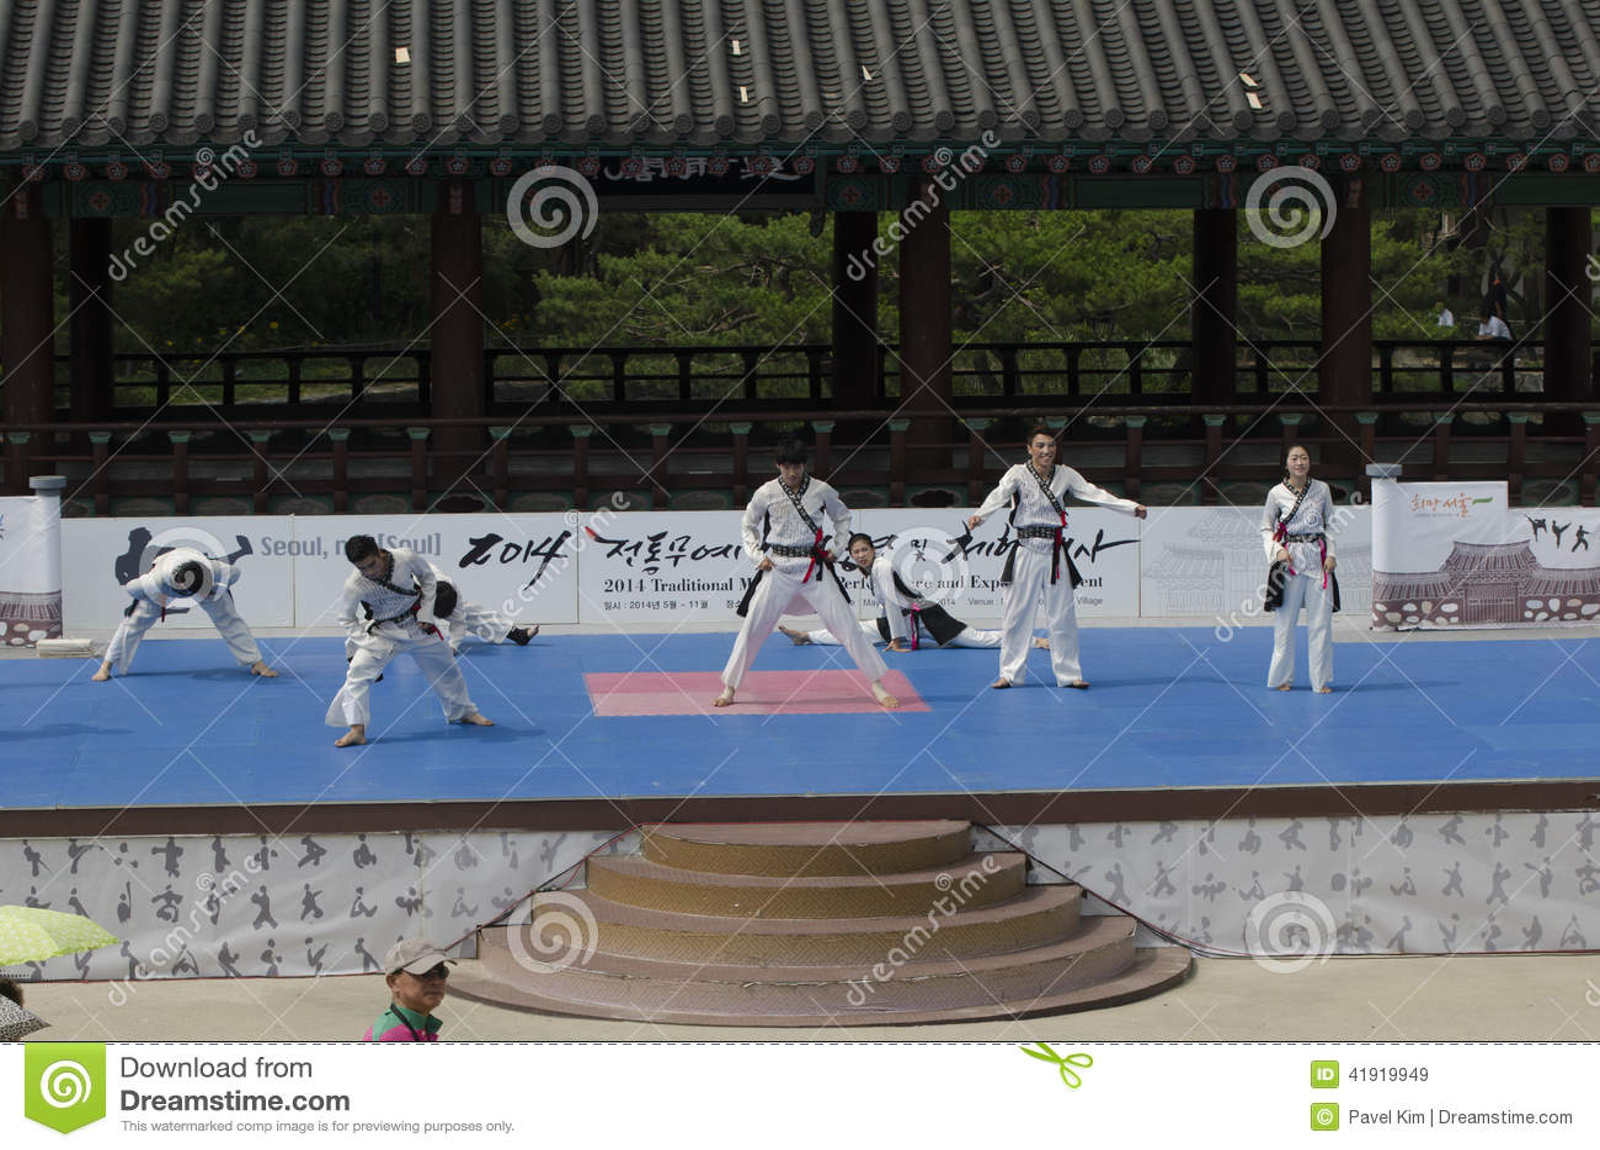 Το παραδοσιακό κορεατικό γεγονός απόδοσης και εμπειρίας πολεμικής τέχνης παρουσιάζει